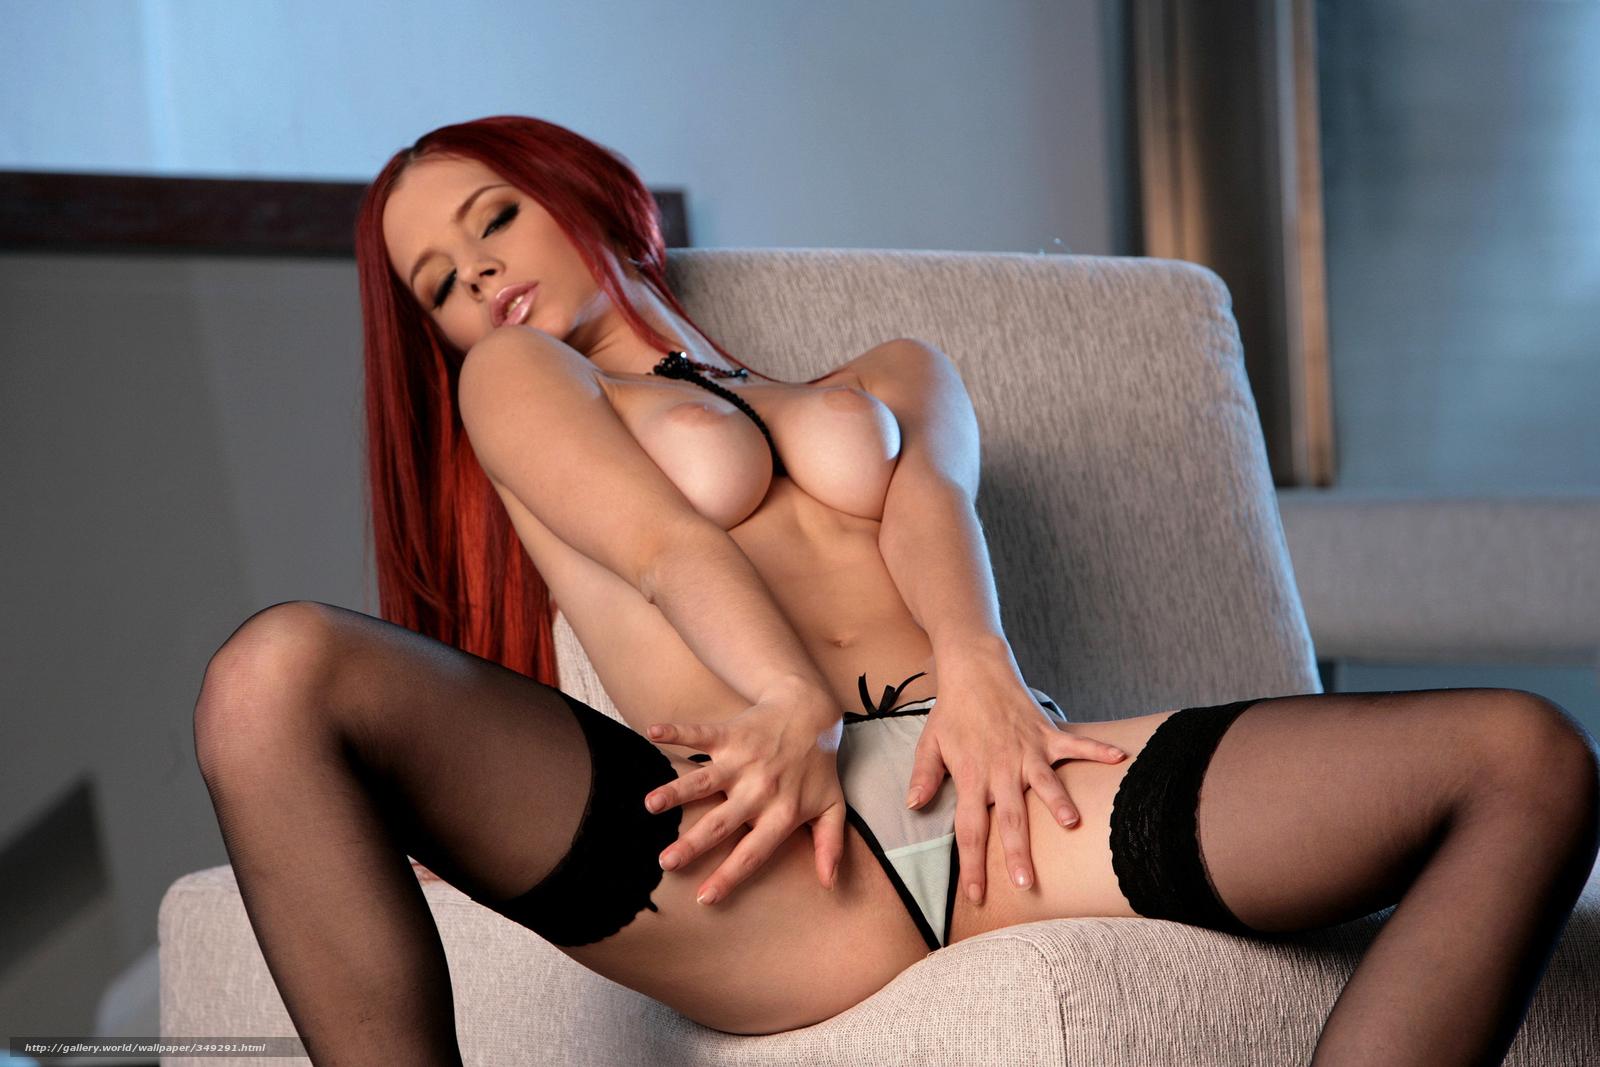 Порно фото. Рыжая развратница с красивой грудью и не менее